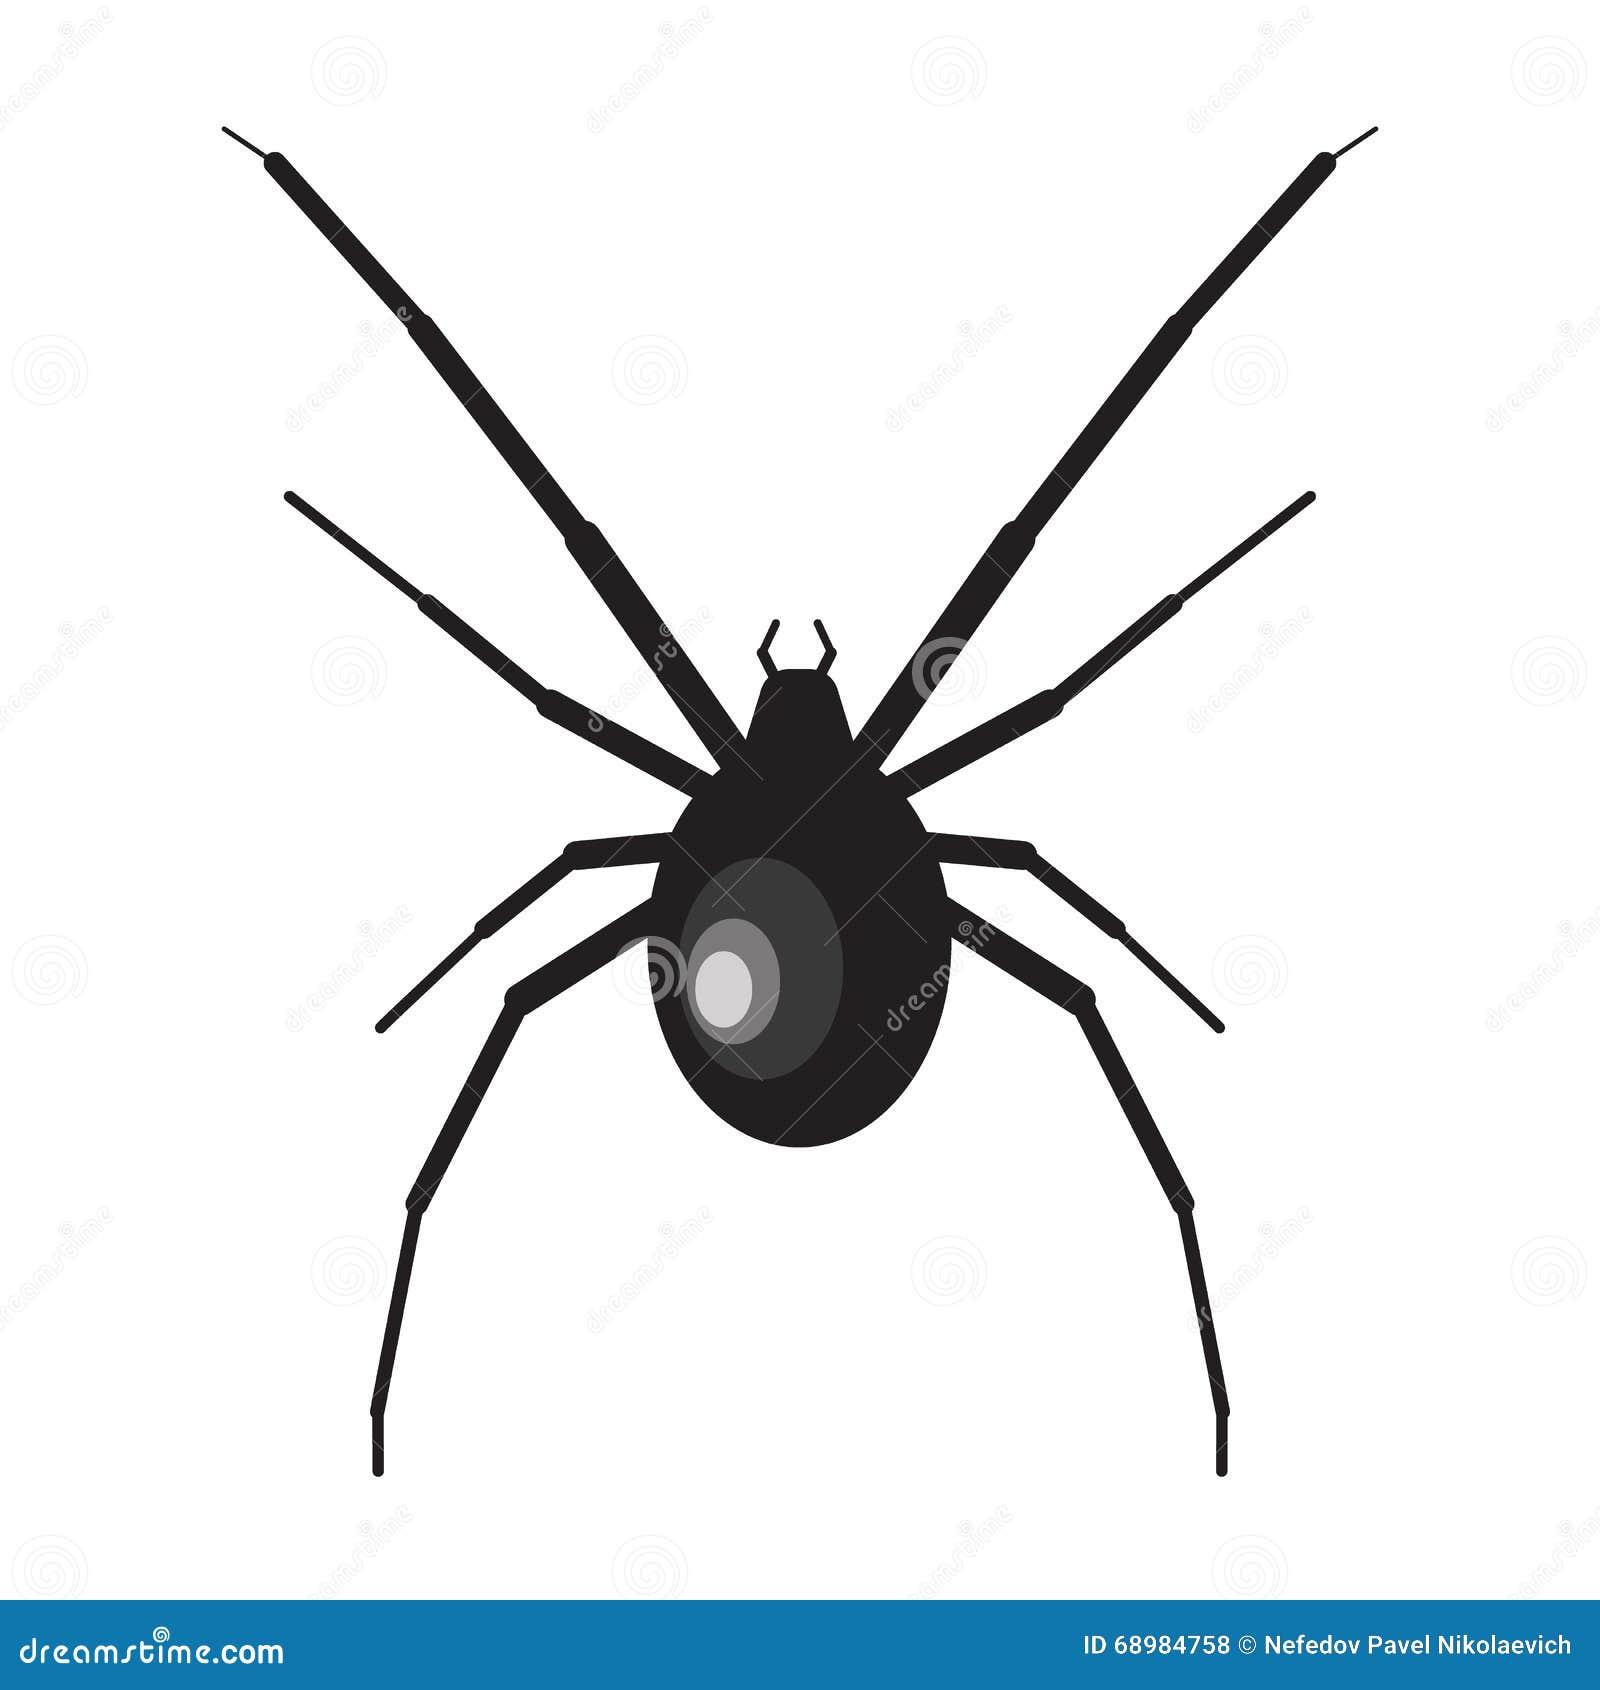 Ejemplo de la araña de la viuda negra araña en el fondo blanco Viuda negra Ejemplo de la araña Araña de la viuda negra